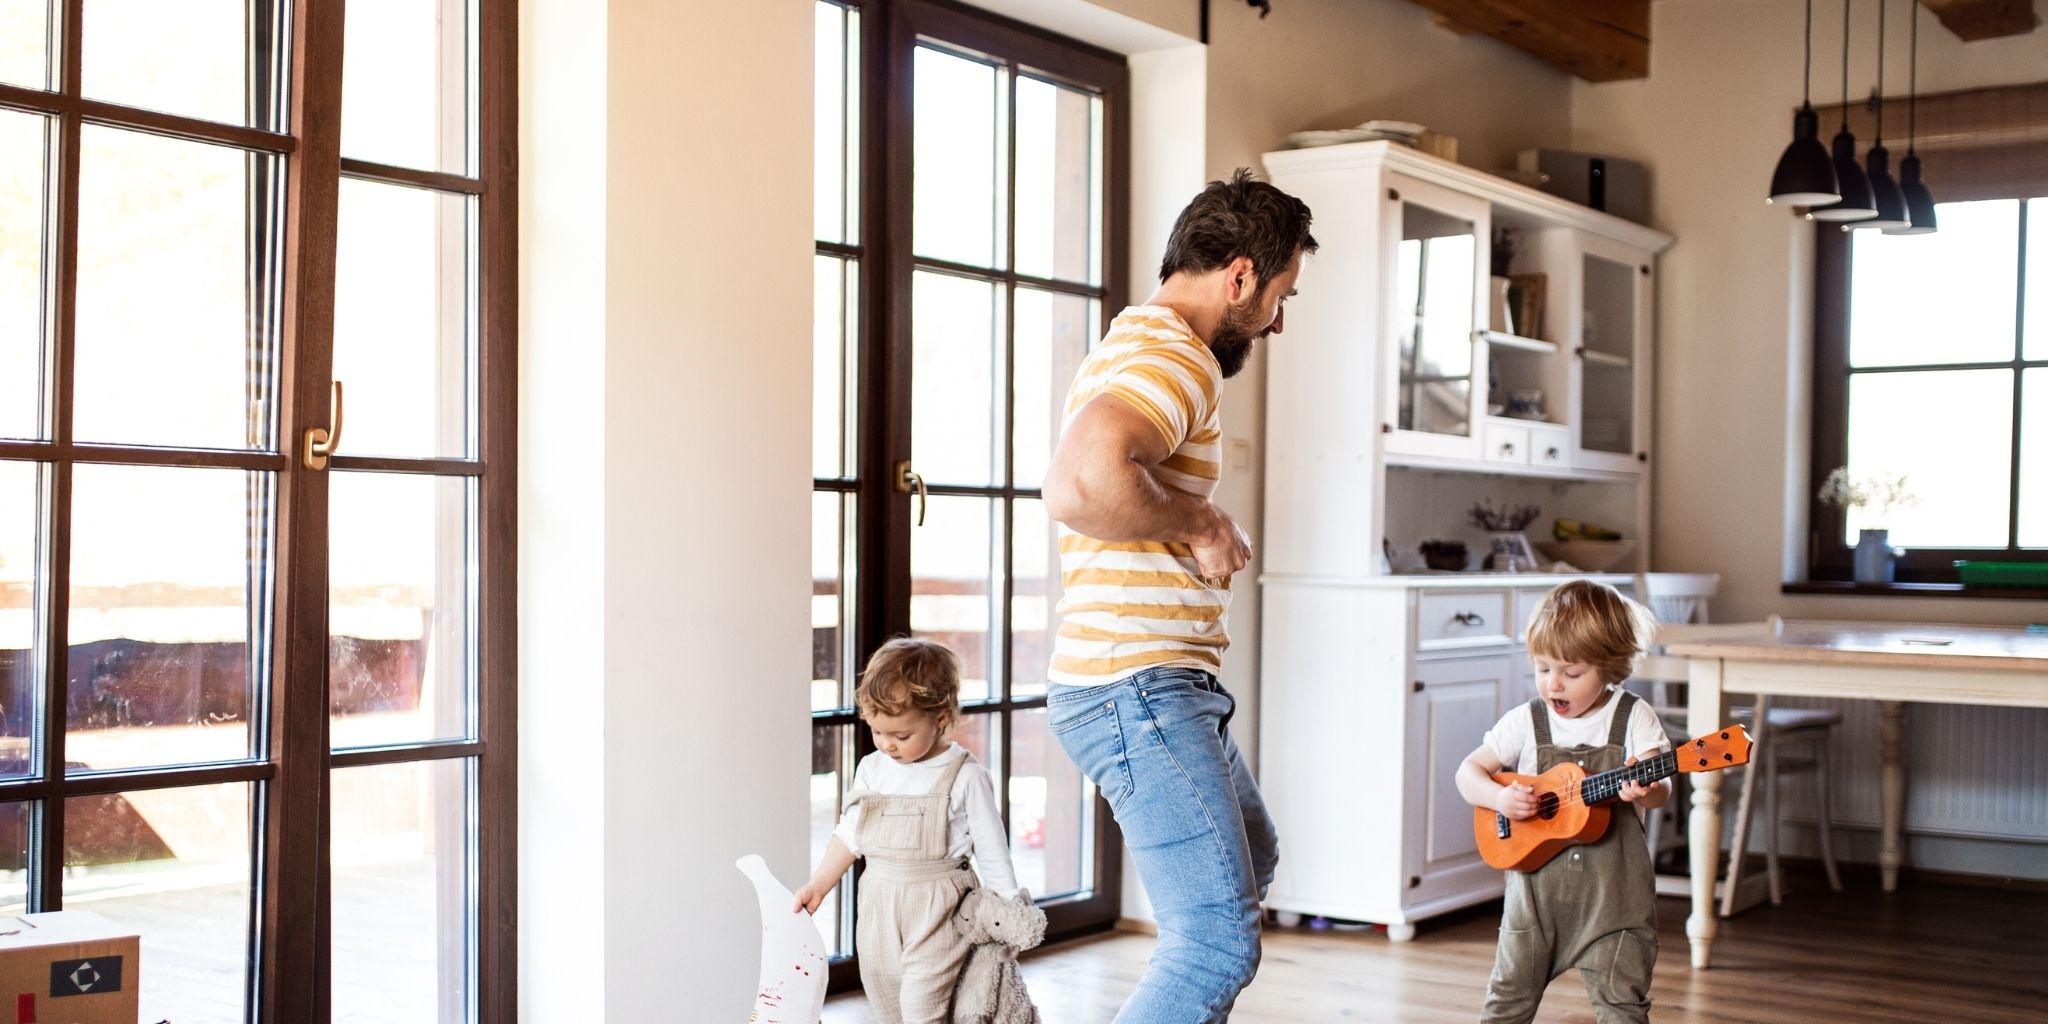 20 giochi creativi da fare in casa con i bambini